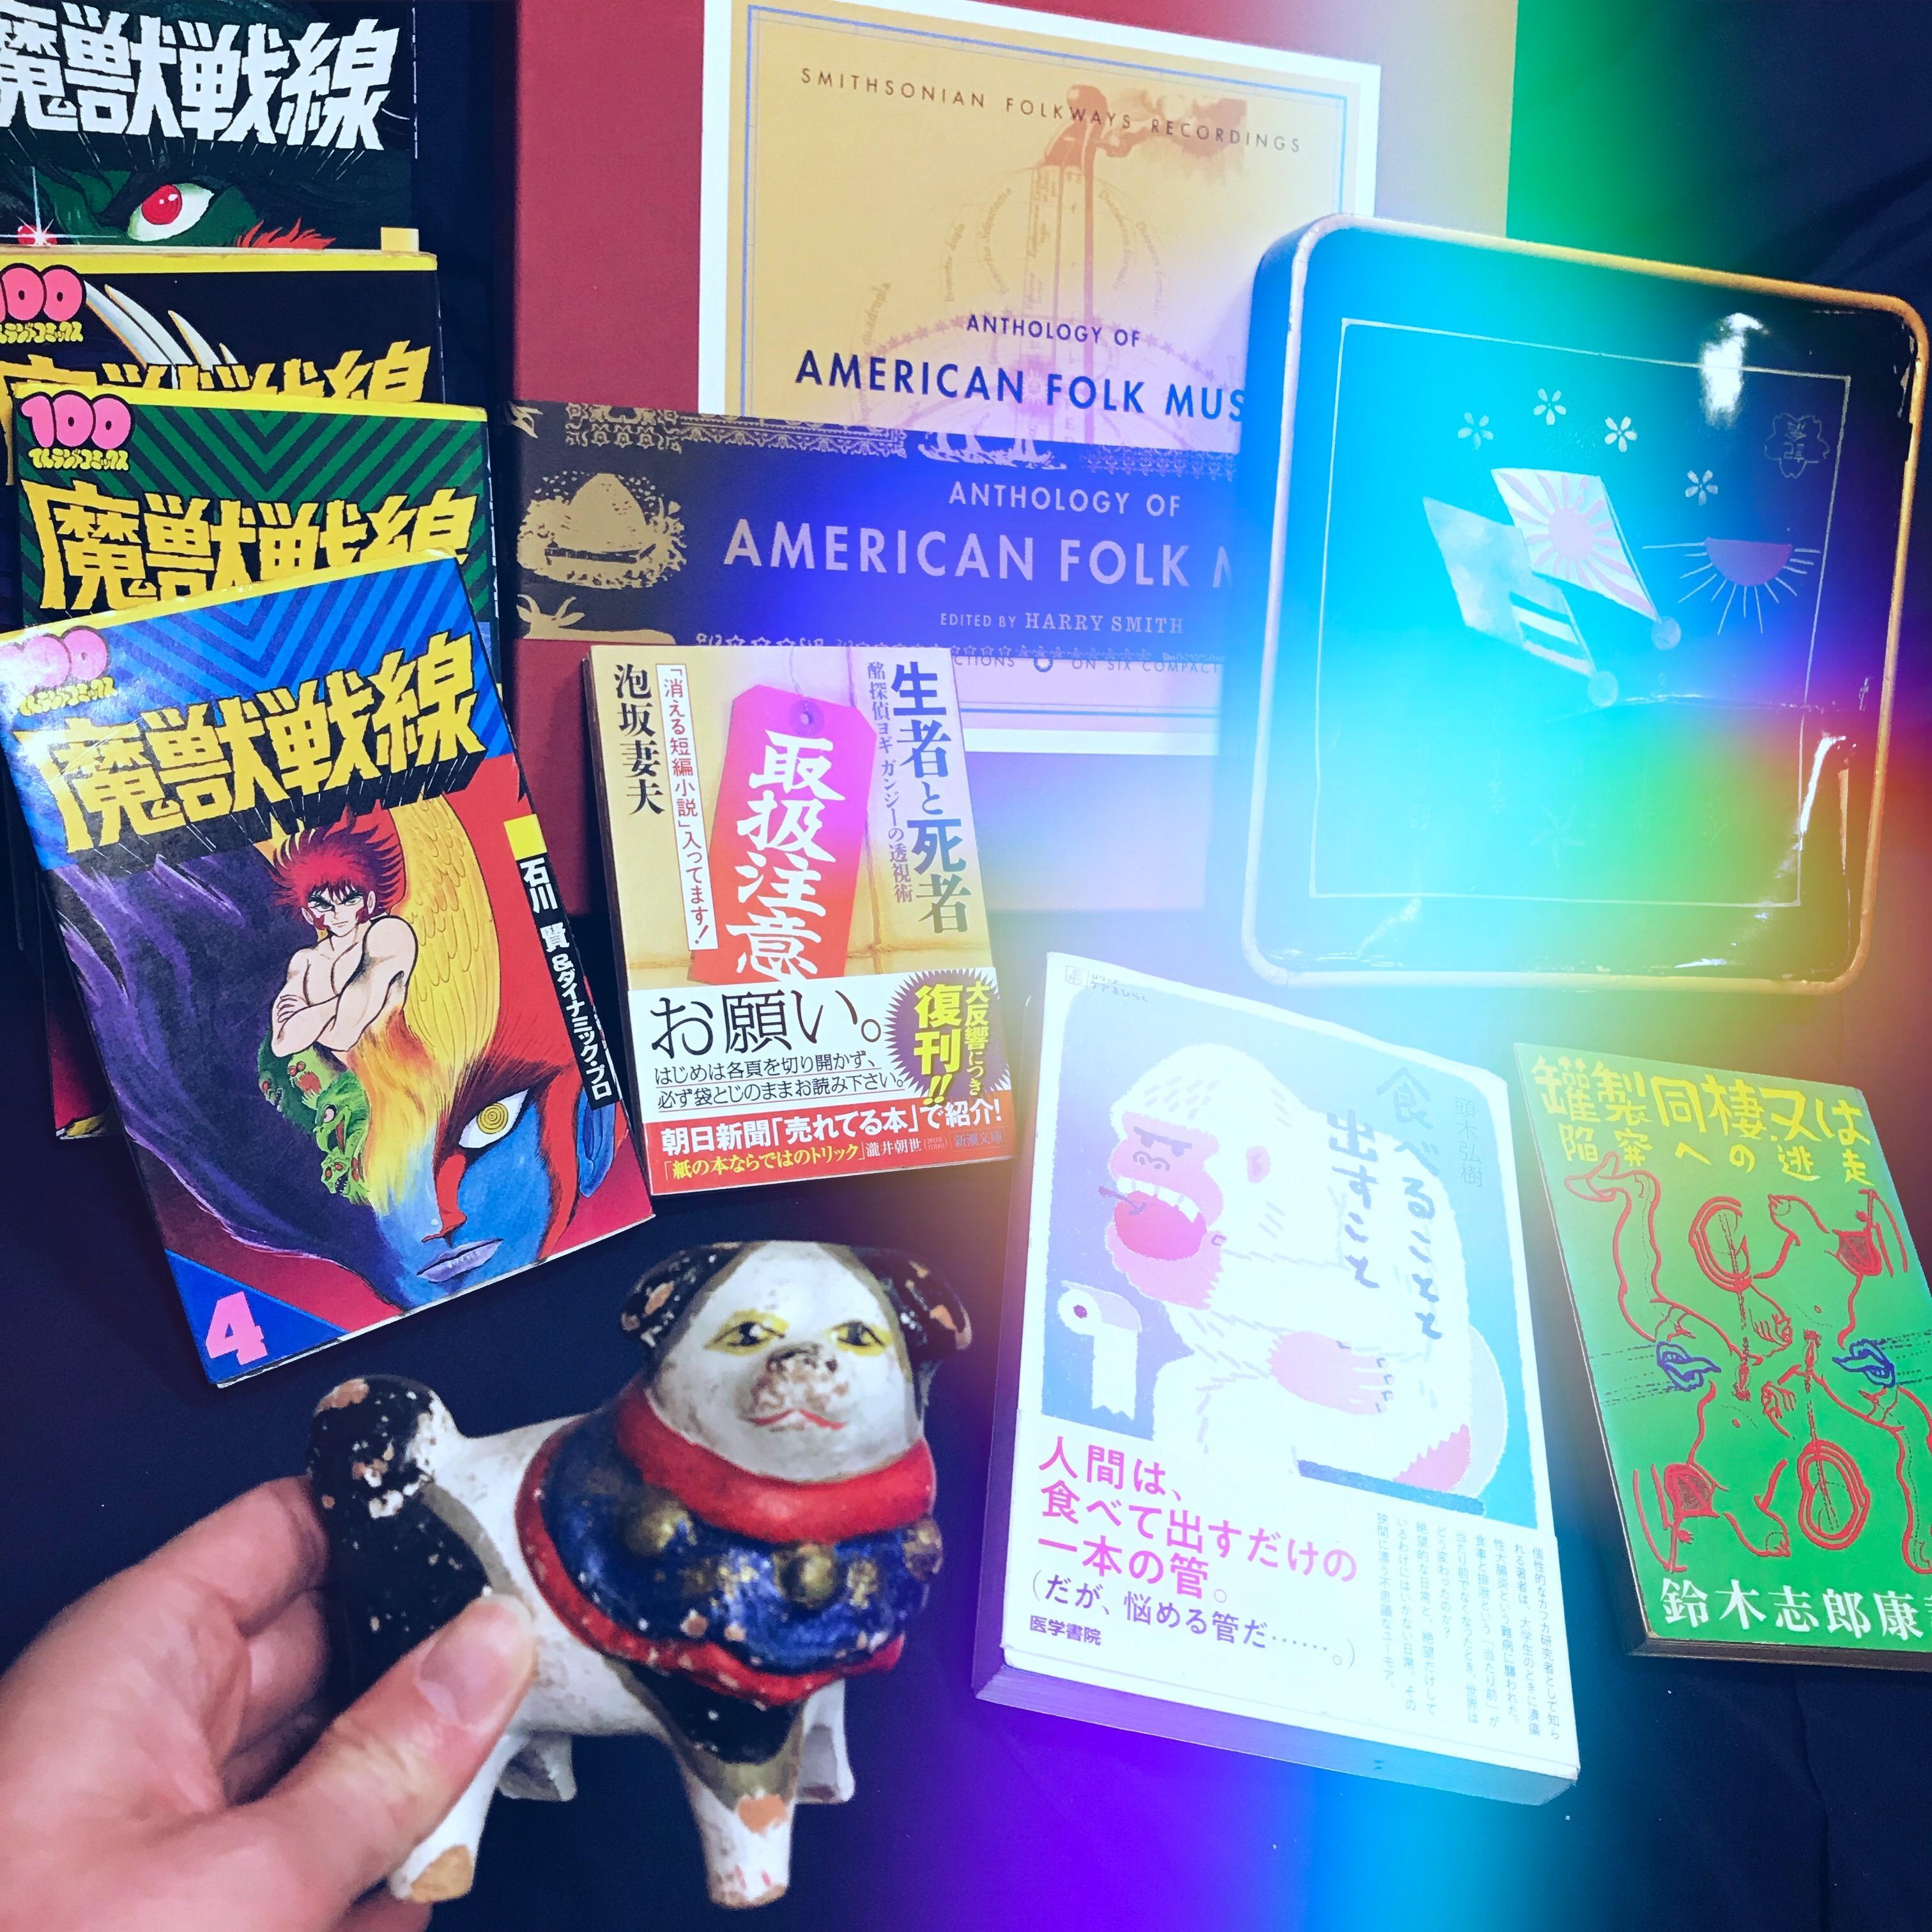 http://igs-kankan.com/article/4e97ac4ff67ceeff7f481d07532311da34c16d87.JPG